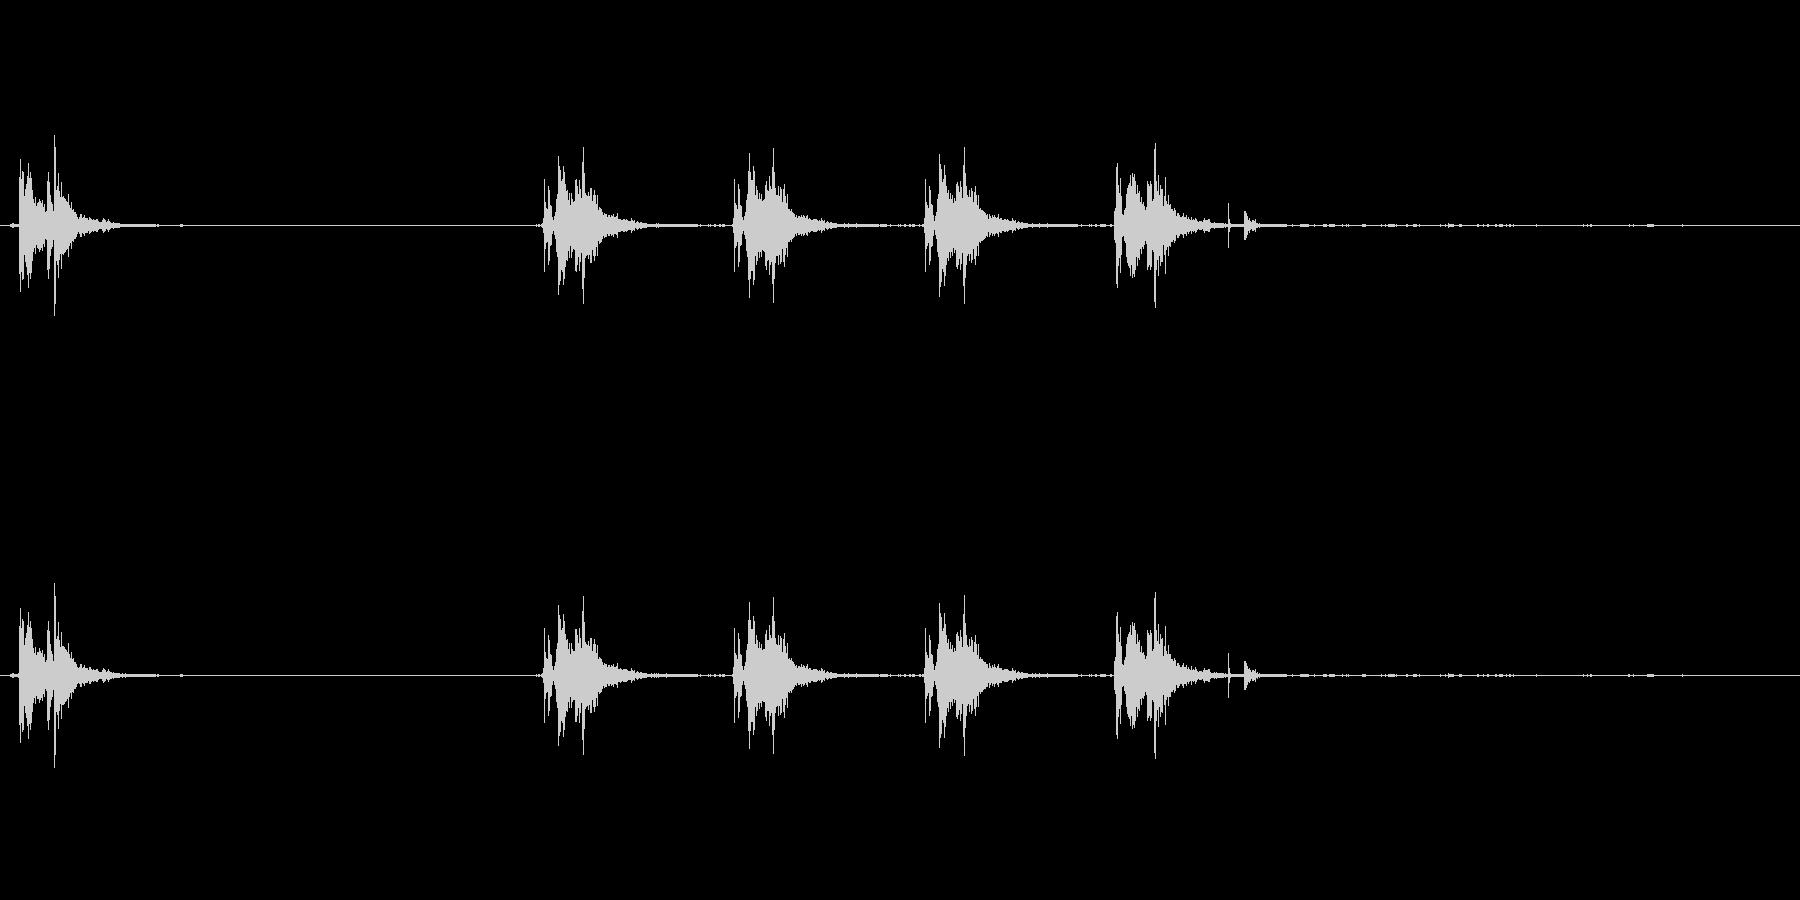 銃の音 (2)の未再生の波形